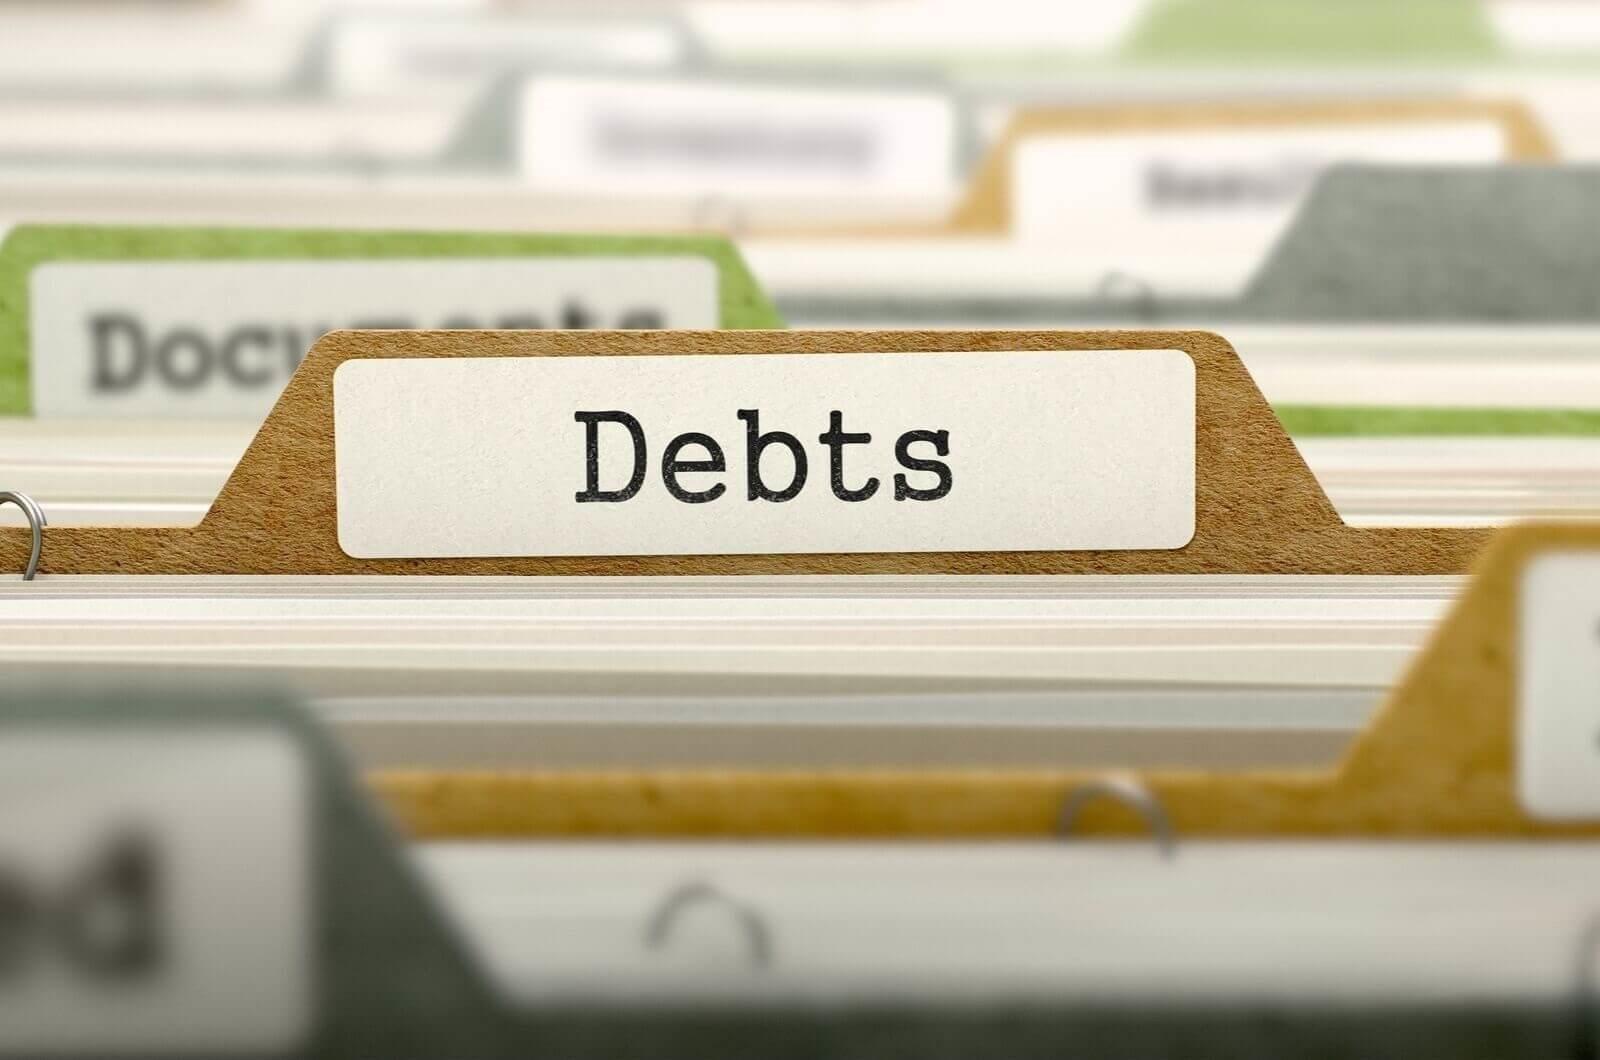 【第18回】本当に借金は「必ず返さなければならない」のか?